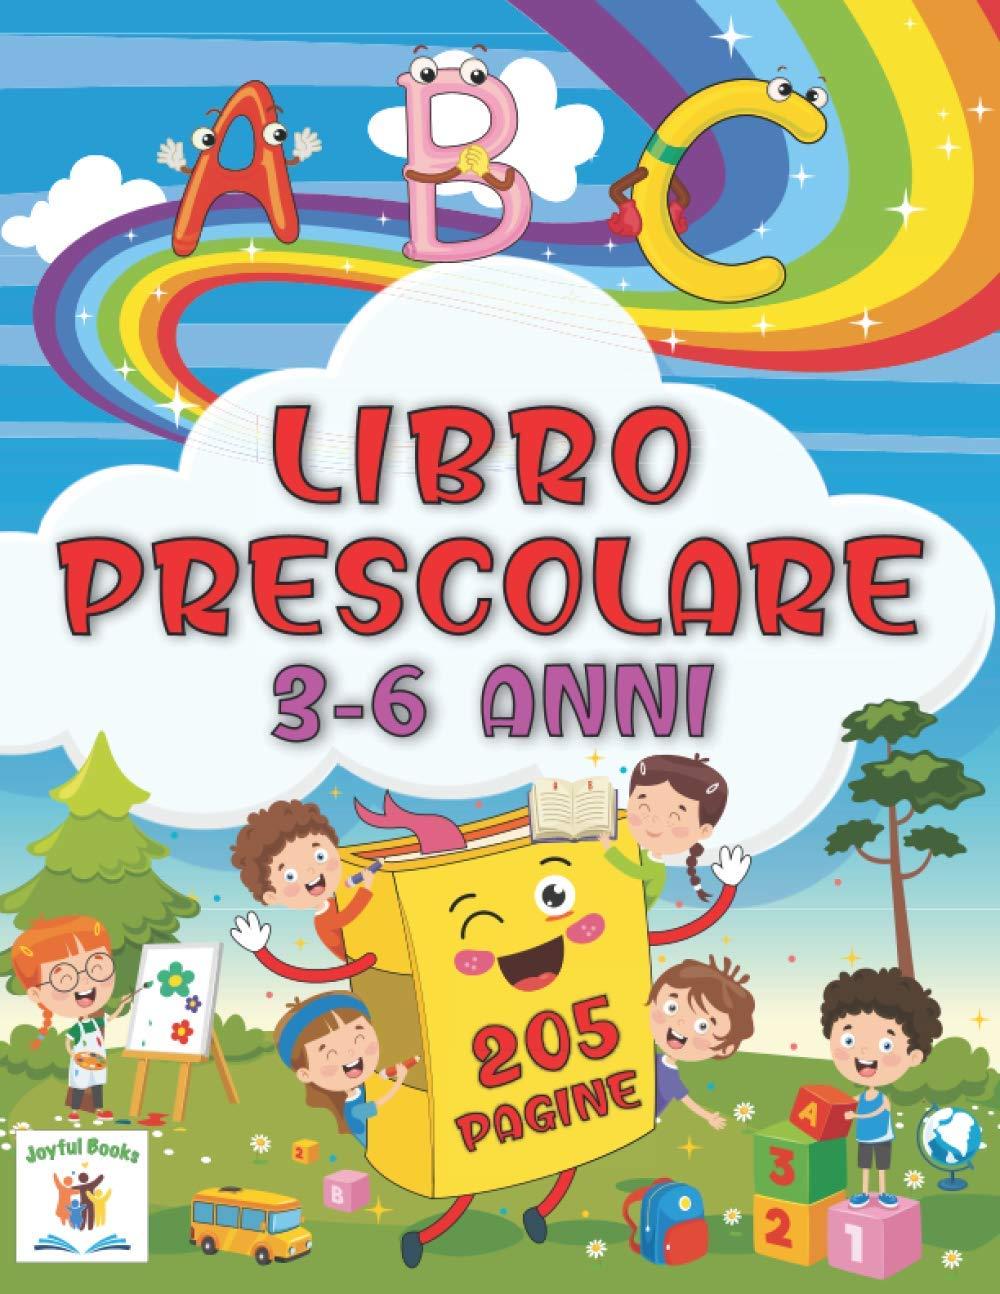 ABC Libro Prescolare 3-6 anni 205 pagine